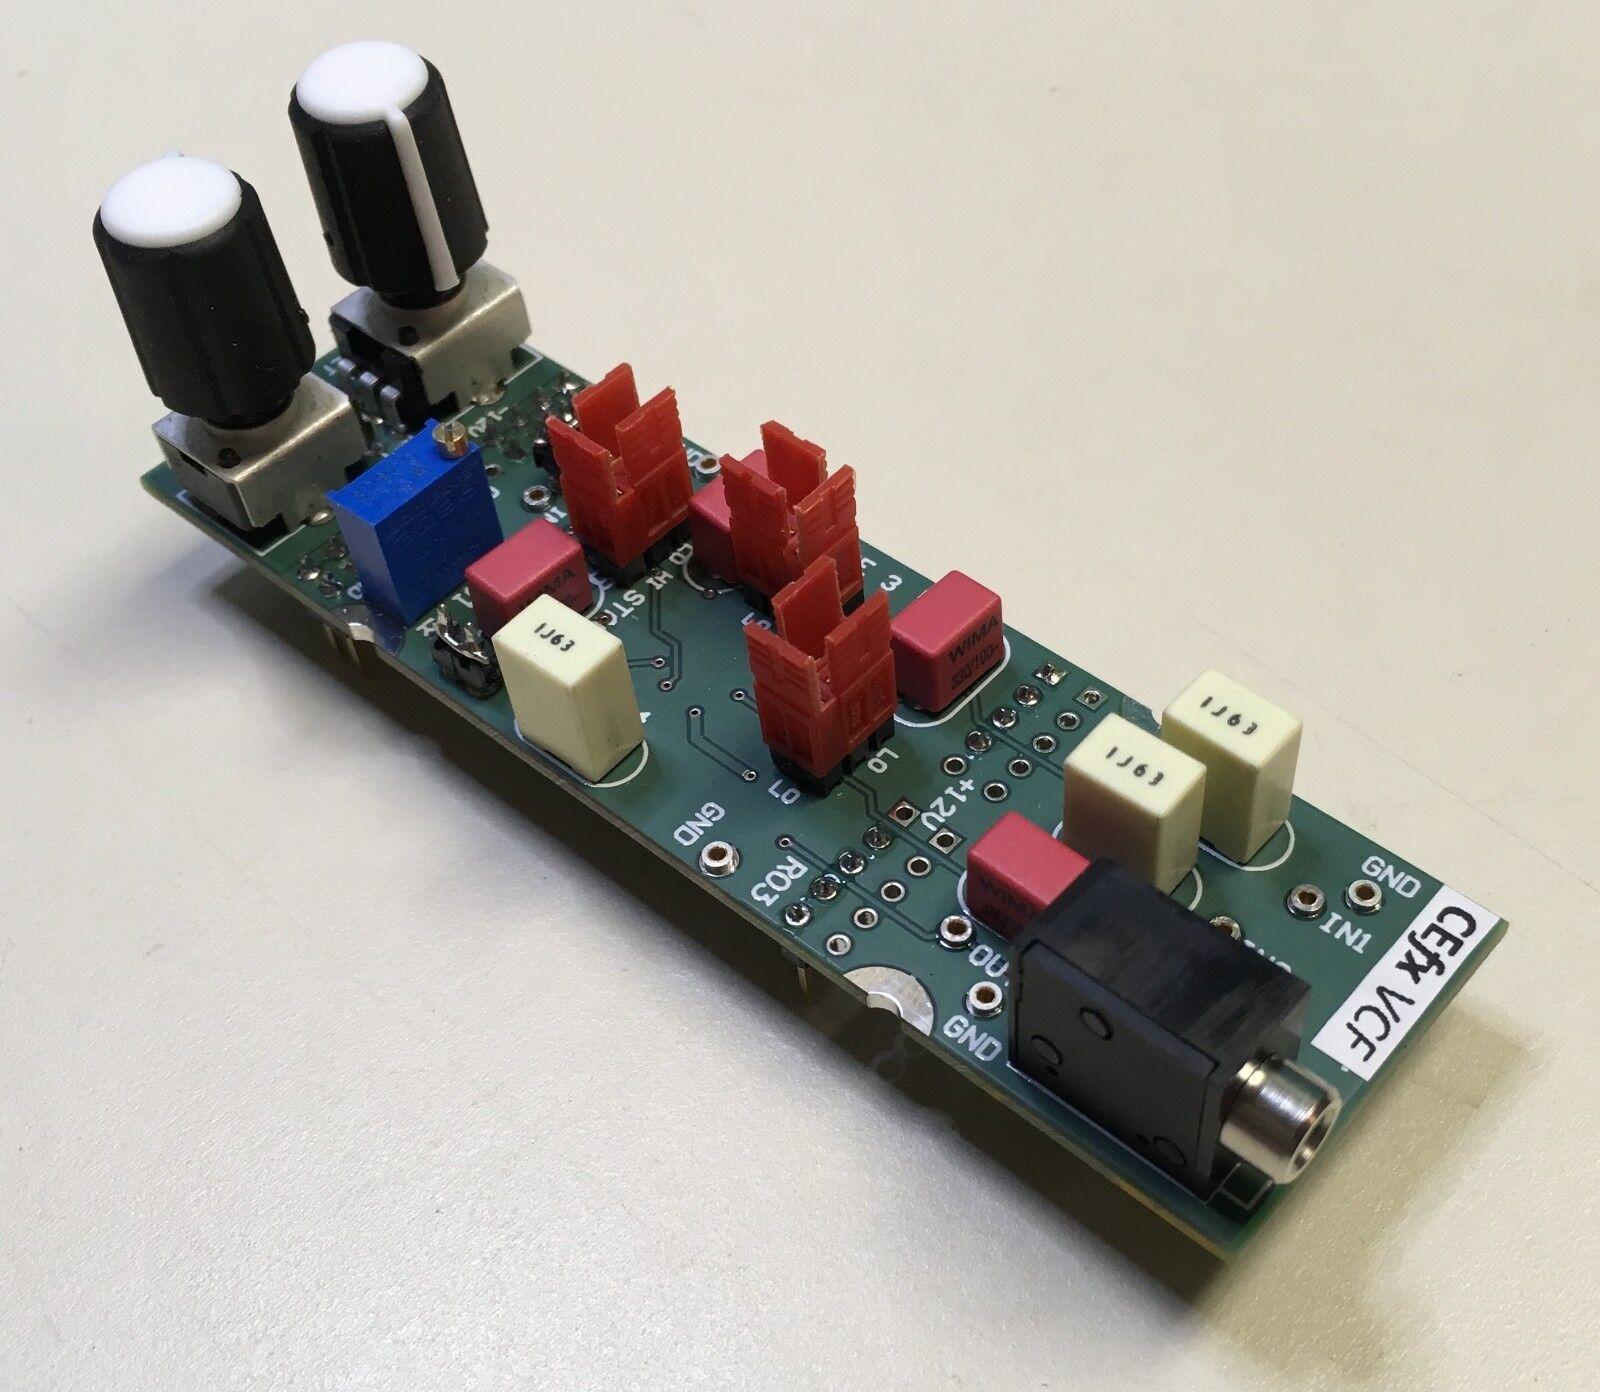 CEfx Solderless Breadboard VCF SyntheGrößer Module - Voltage Controlled Filter